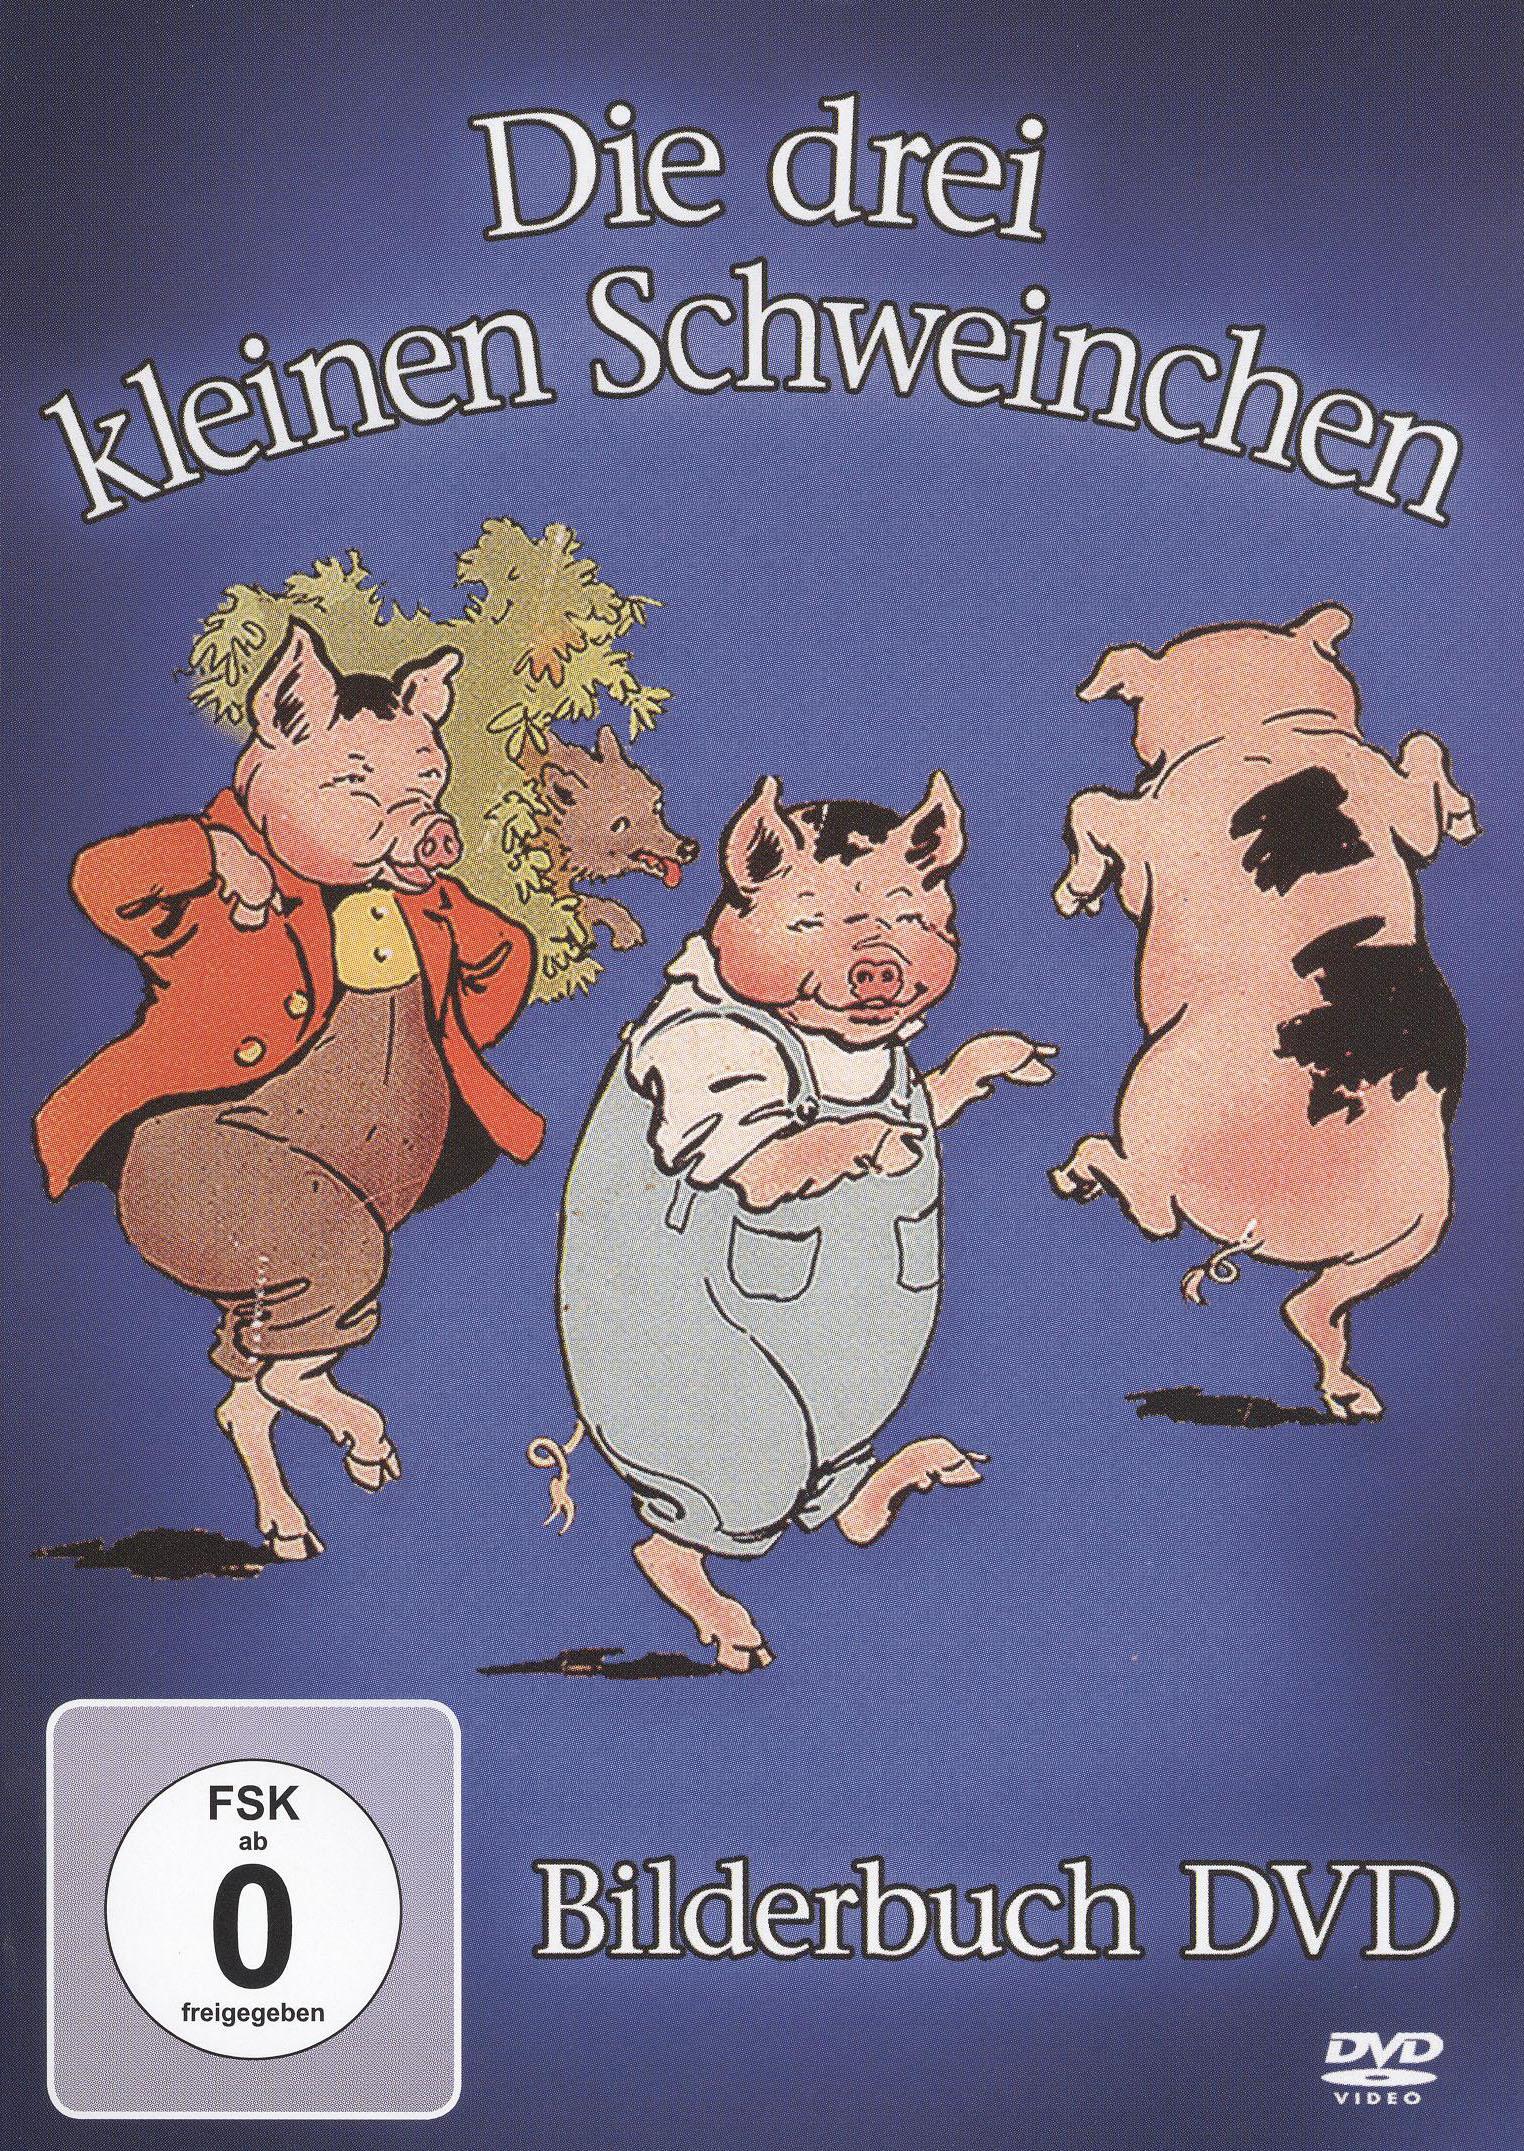 Die Drei Kleinen Schweinchen: Bilderbuch DVD